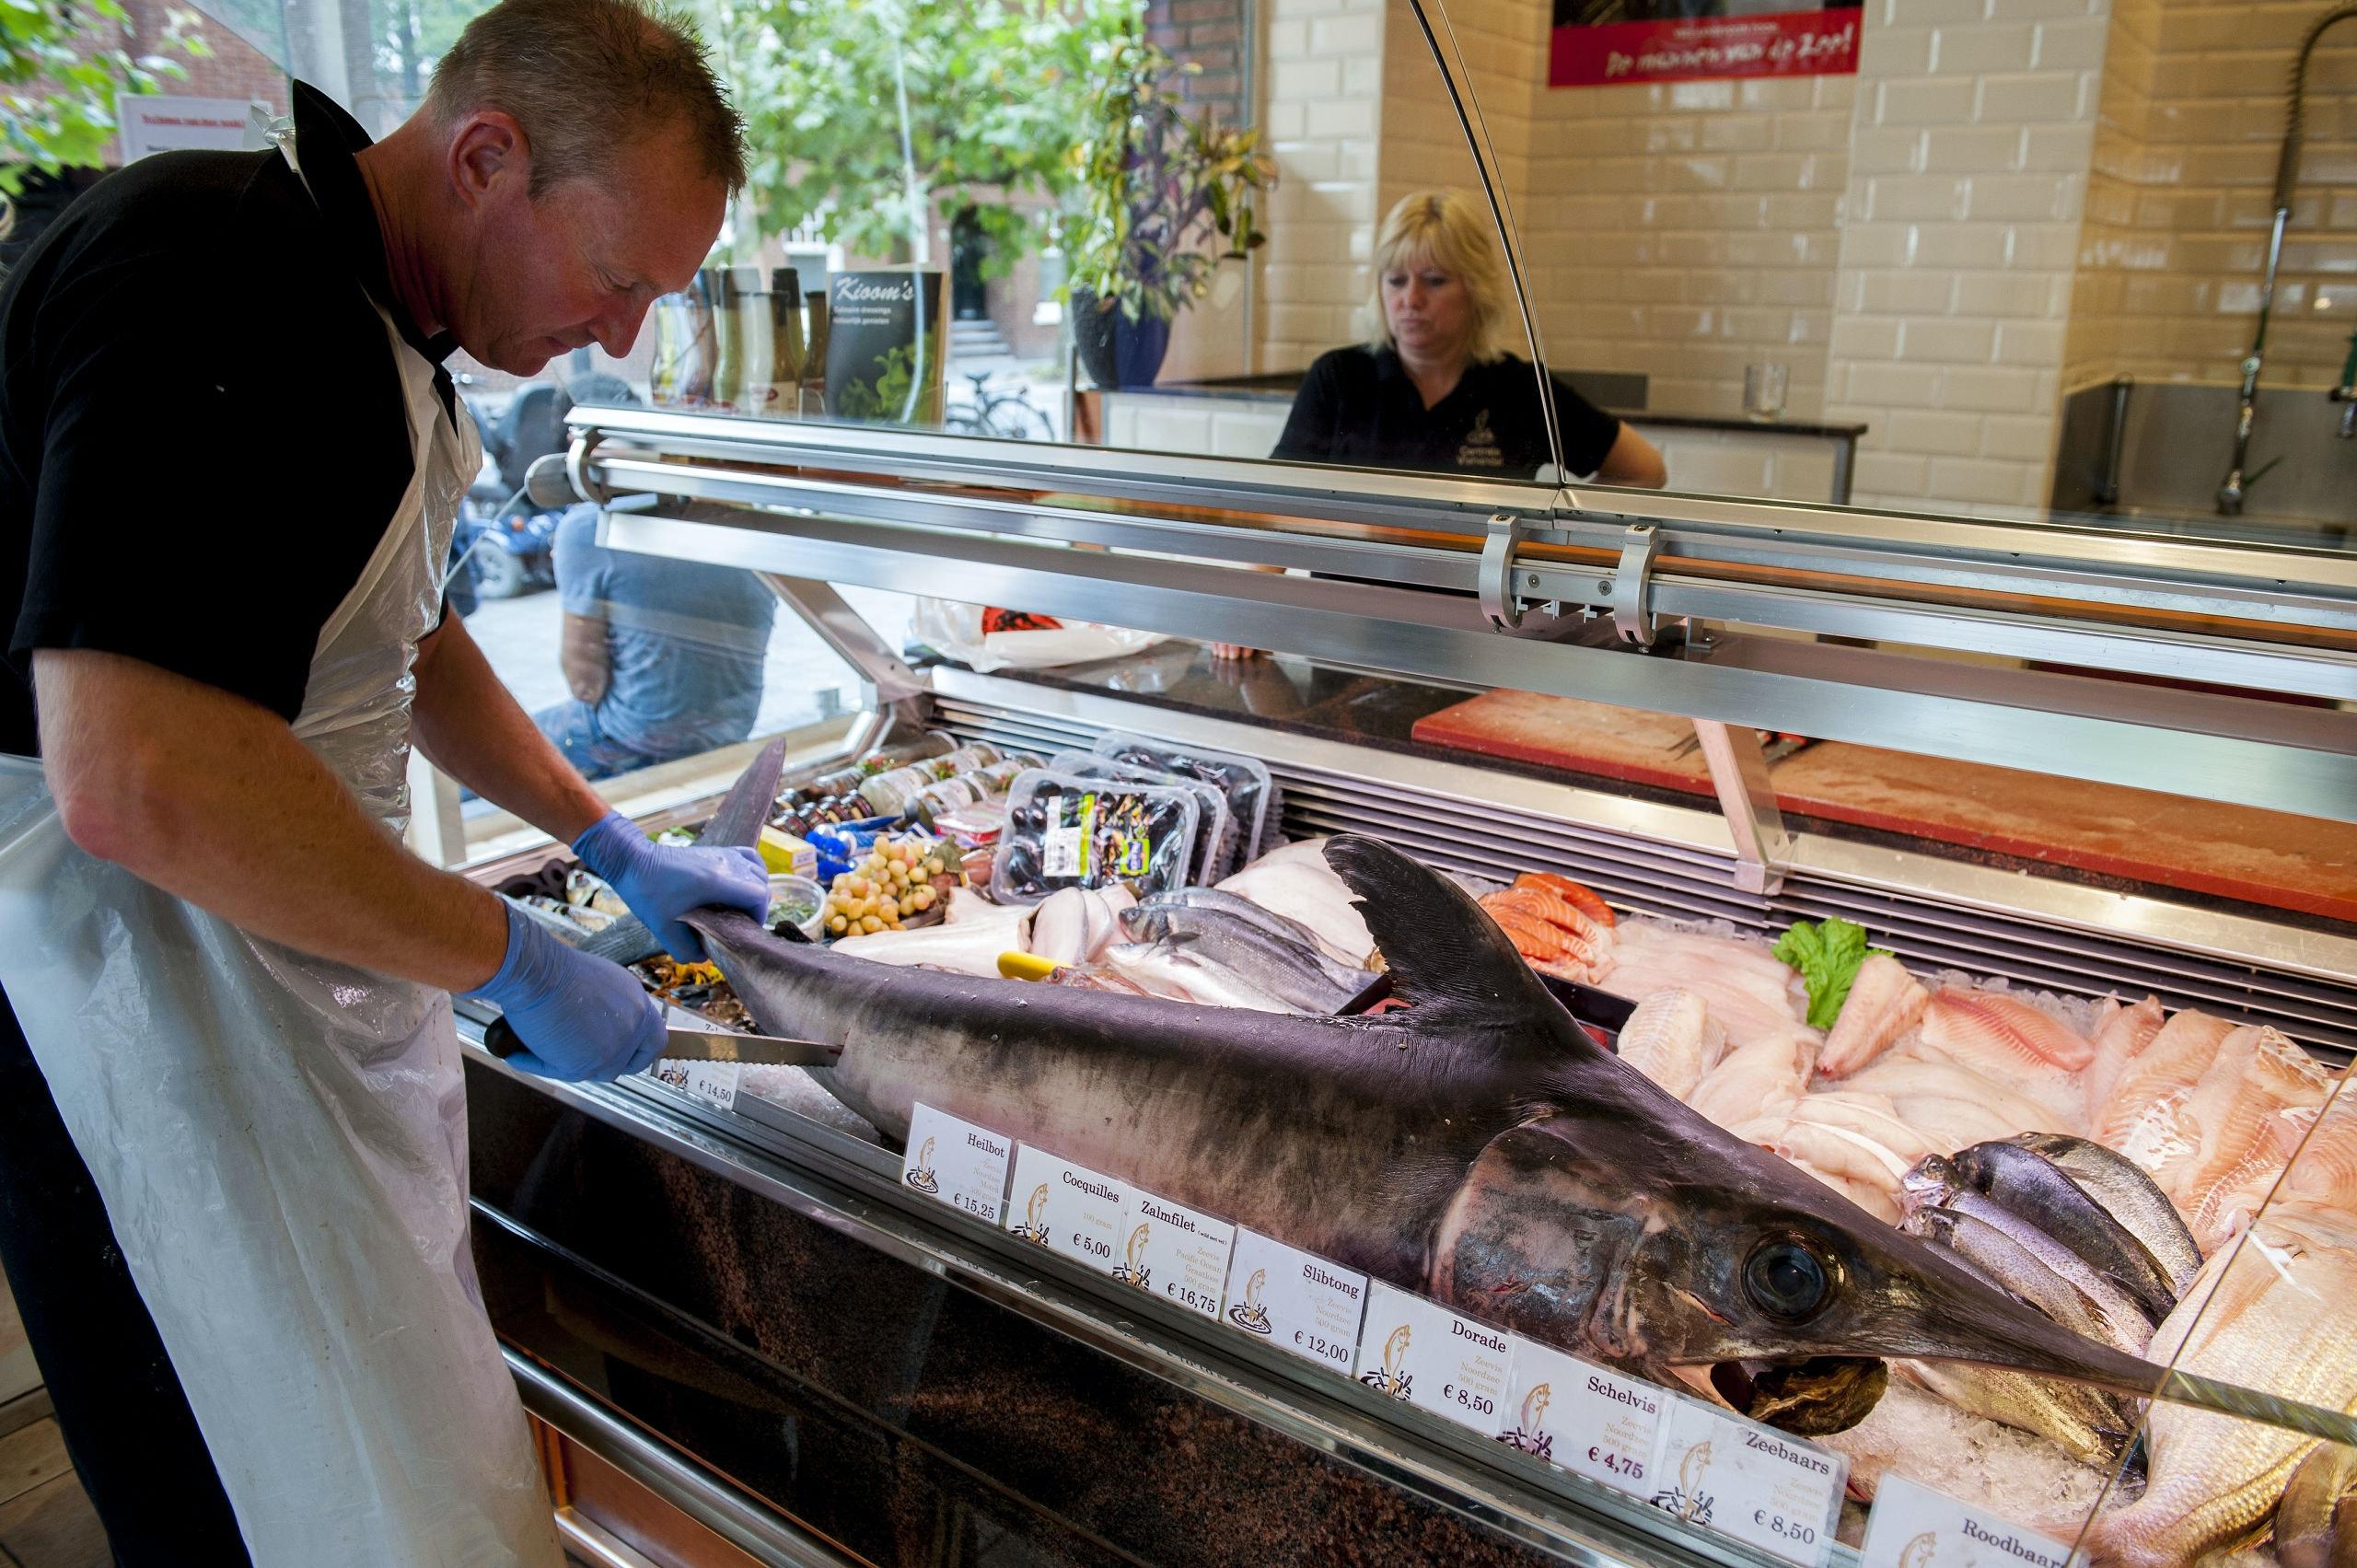 Netherlands, Amsterdam, 14 sept 2014 Viswinkel Centrale Vishandel op de Beethovenstraat heeft een hele zwaardvis in de vitrine liggen. Nu wordt er een moot afgesneden. De vis was net die ochtend van de afslag gekomen  Foto: (c) Michiel Wijnbergh